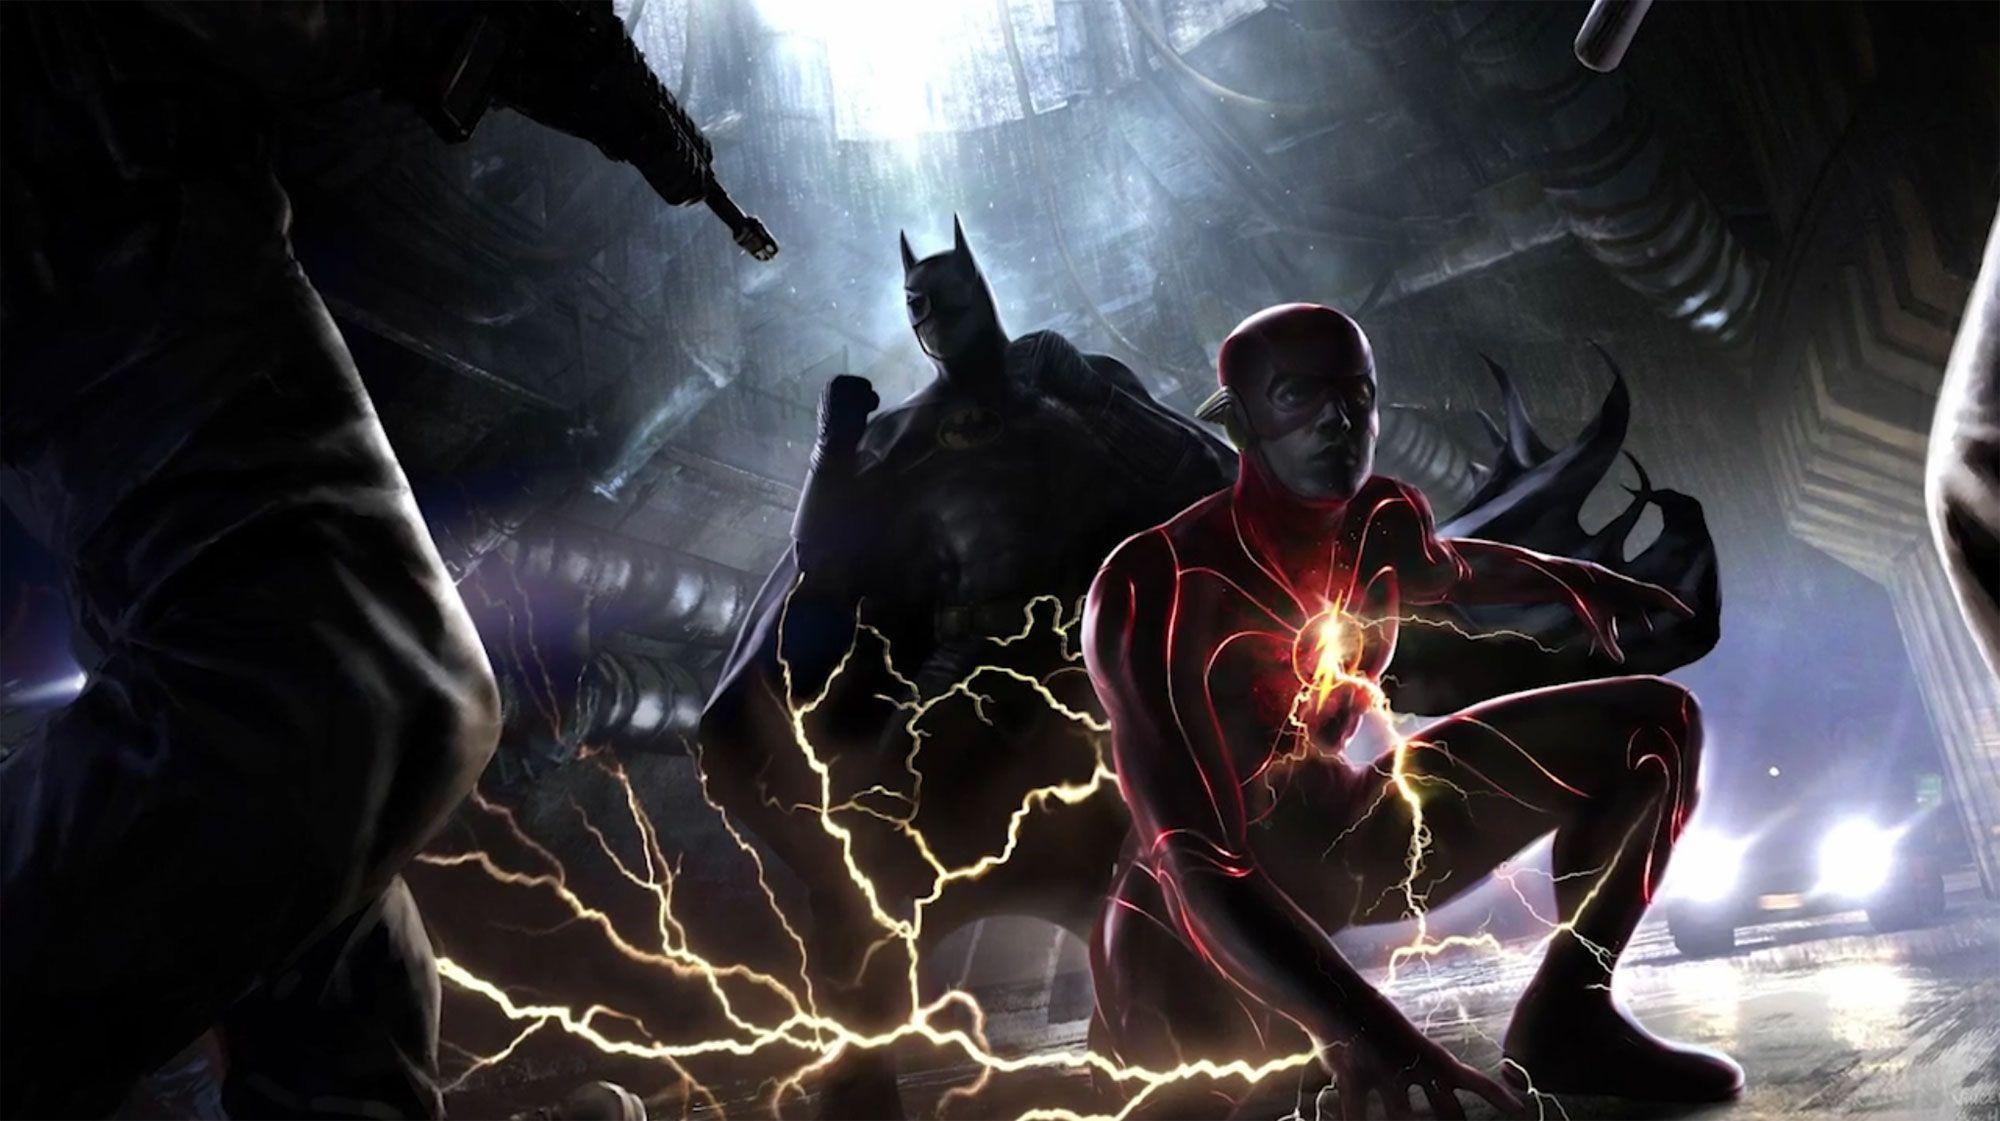 O Flash: o novo traje de Ezra Miller feito pelo Batman revelado em uma impressionante arte conceitual 4